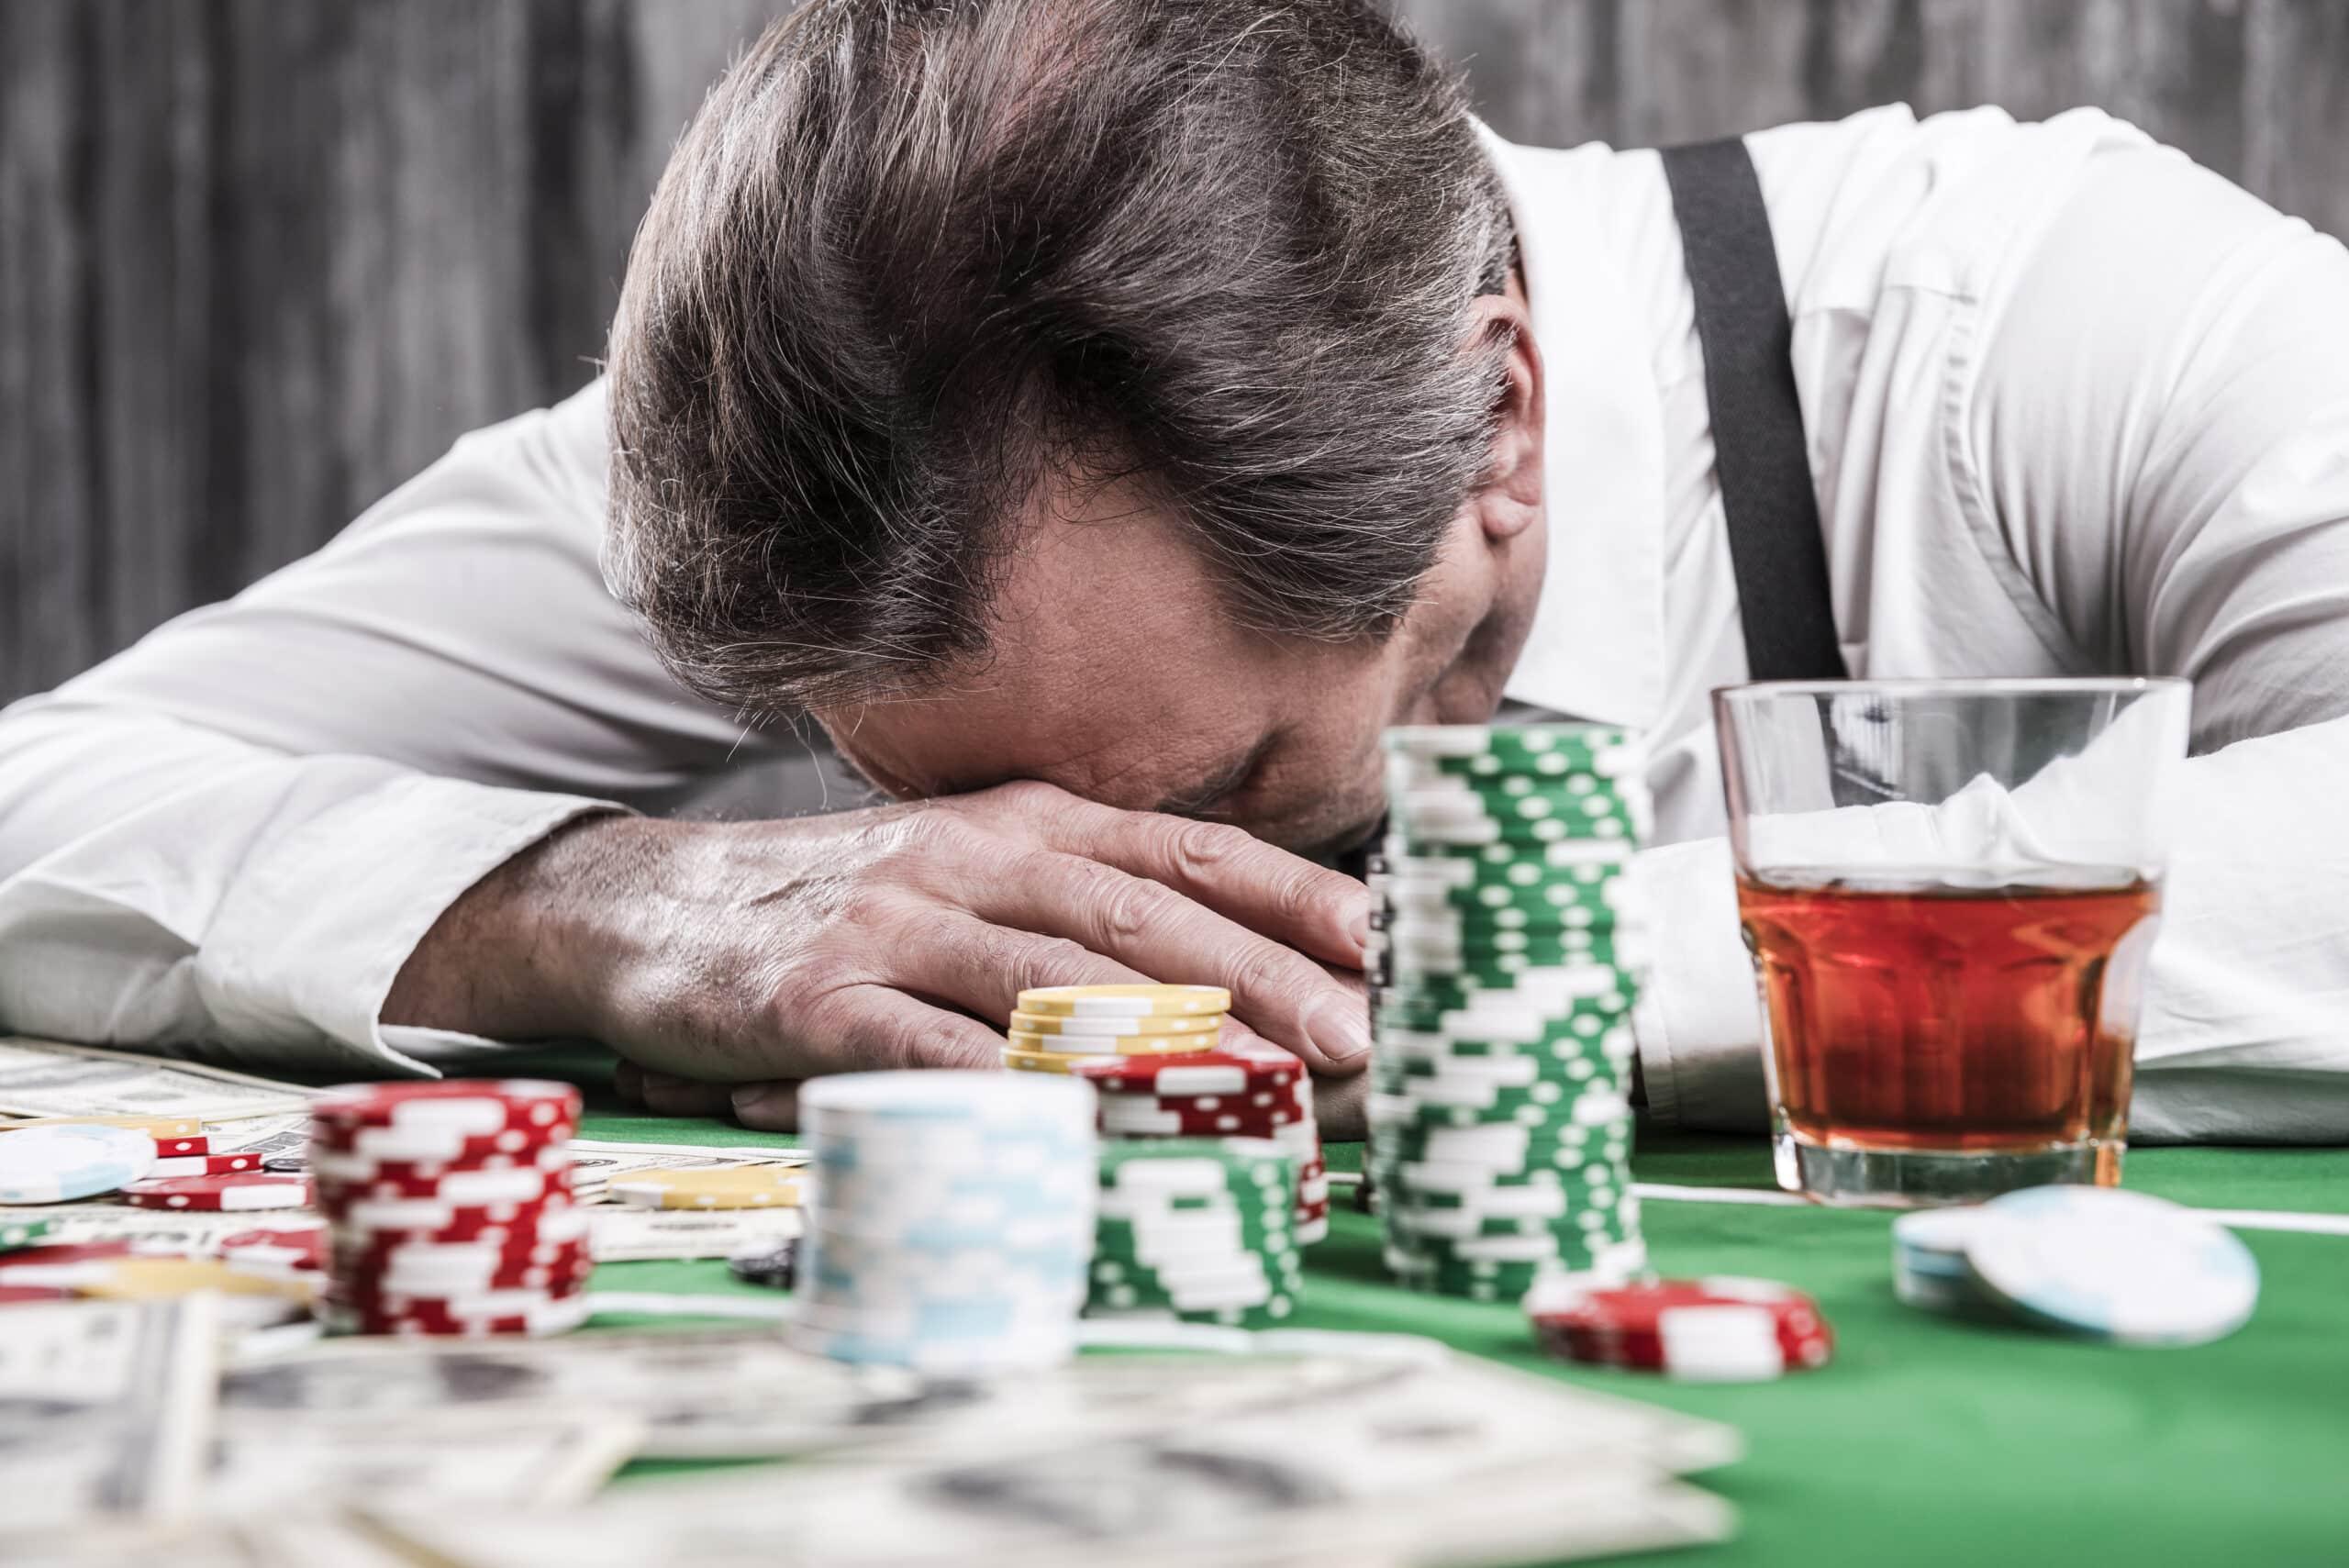 depressed gambler